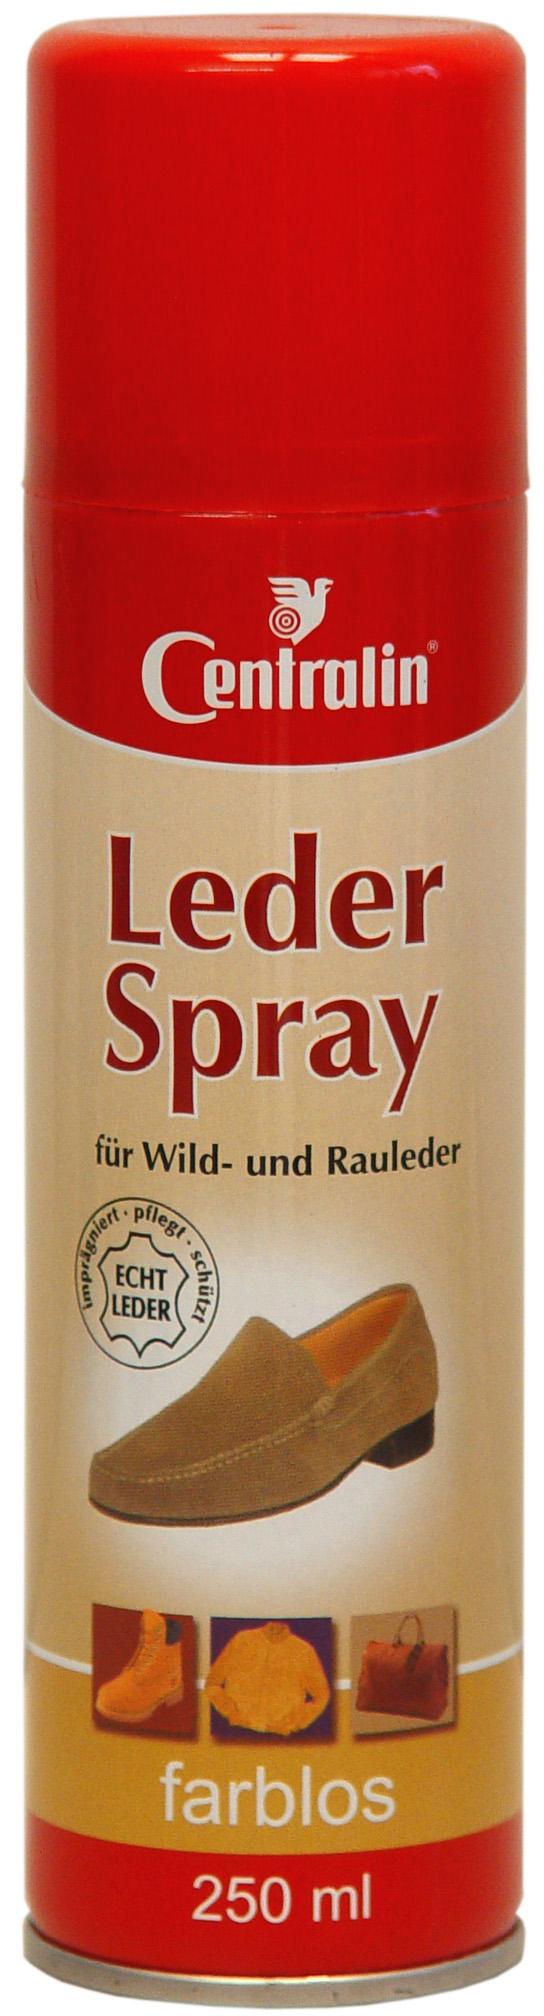 00654 - Centralin Wild-und Rauhleder Spray 250ml- farblos